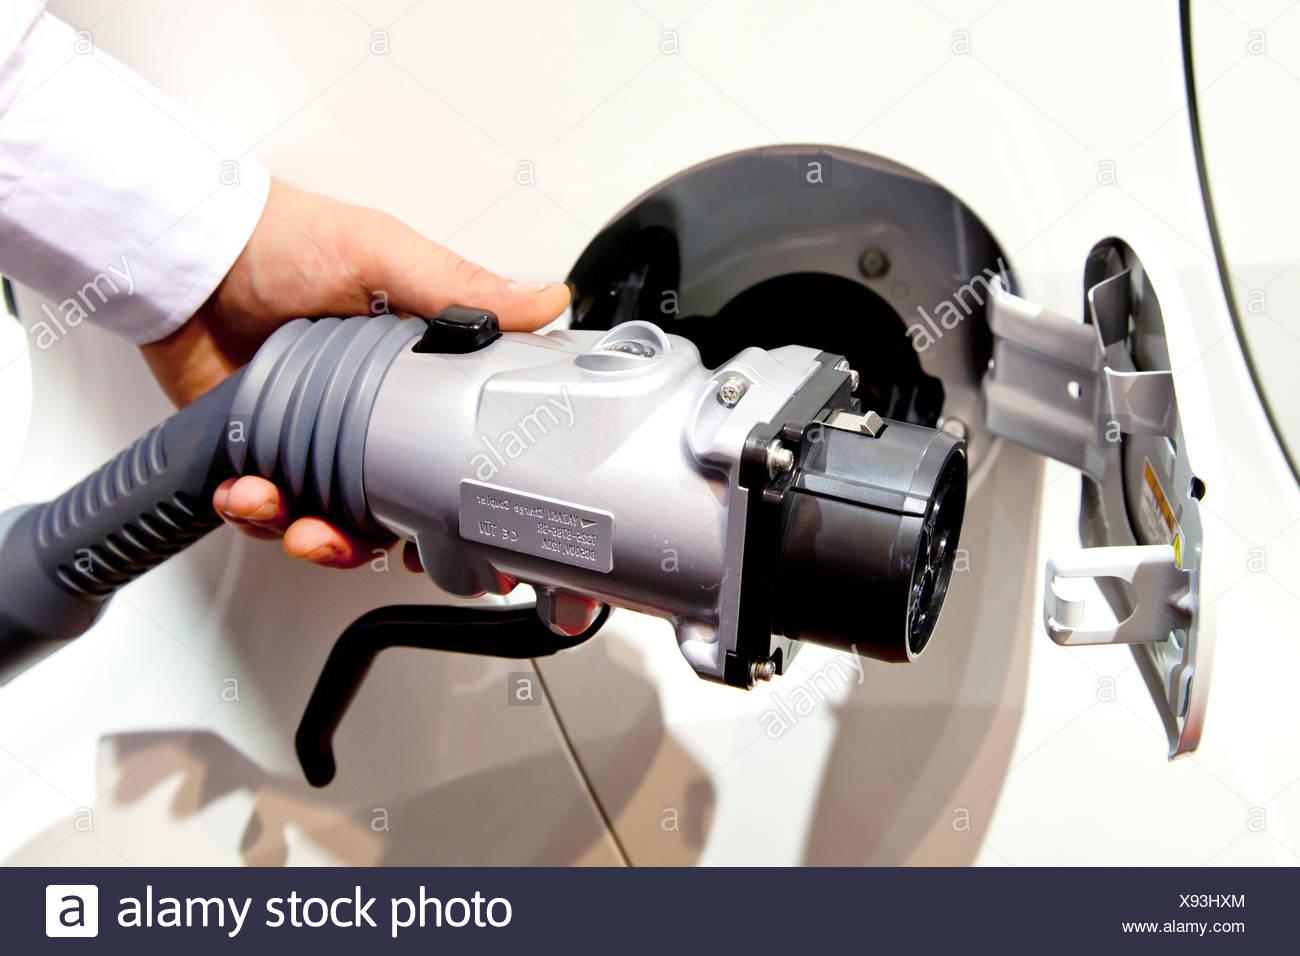 Mit einem schnell-Ladegerät, schnell laden, Ladestecker, Pistolengriff Ladegerät auf ein Elektroauto aufladen Stockbild